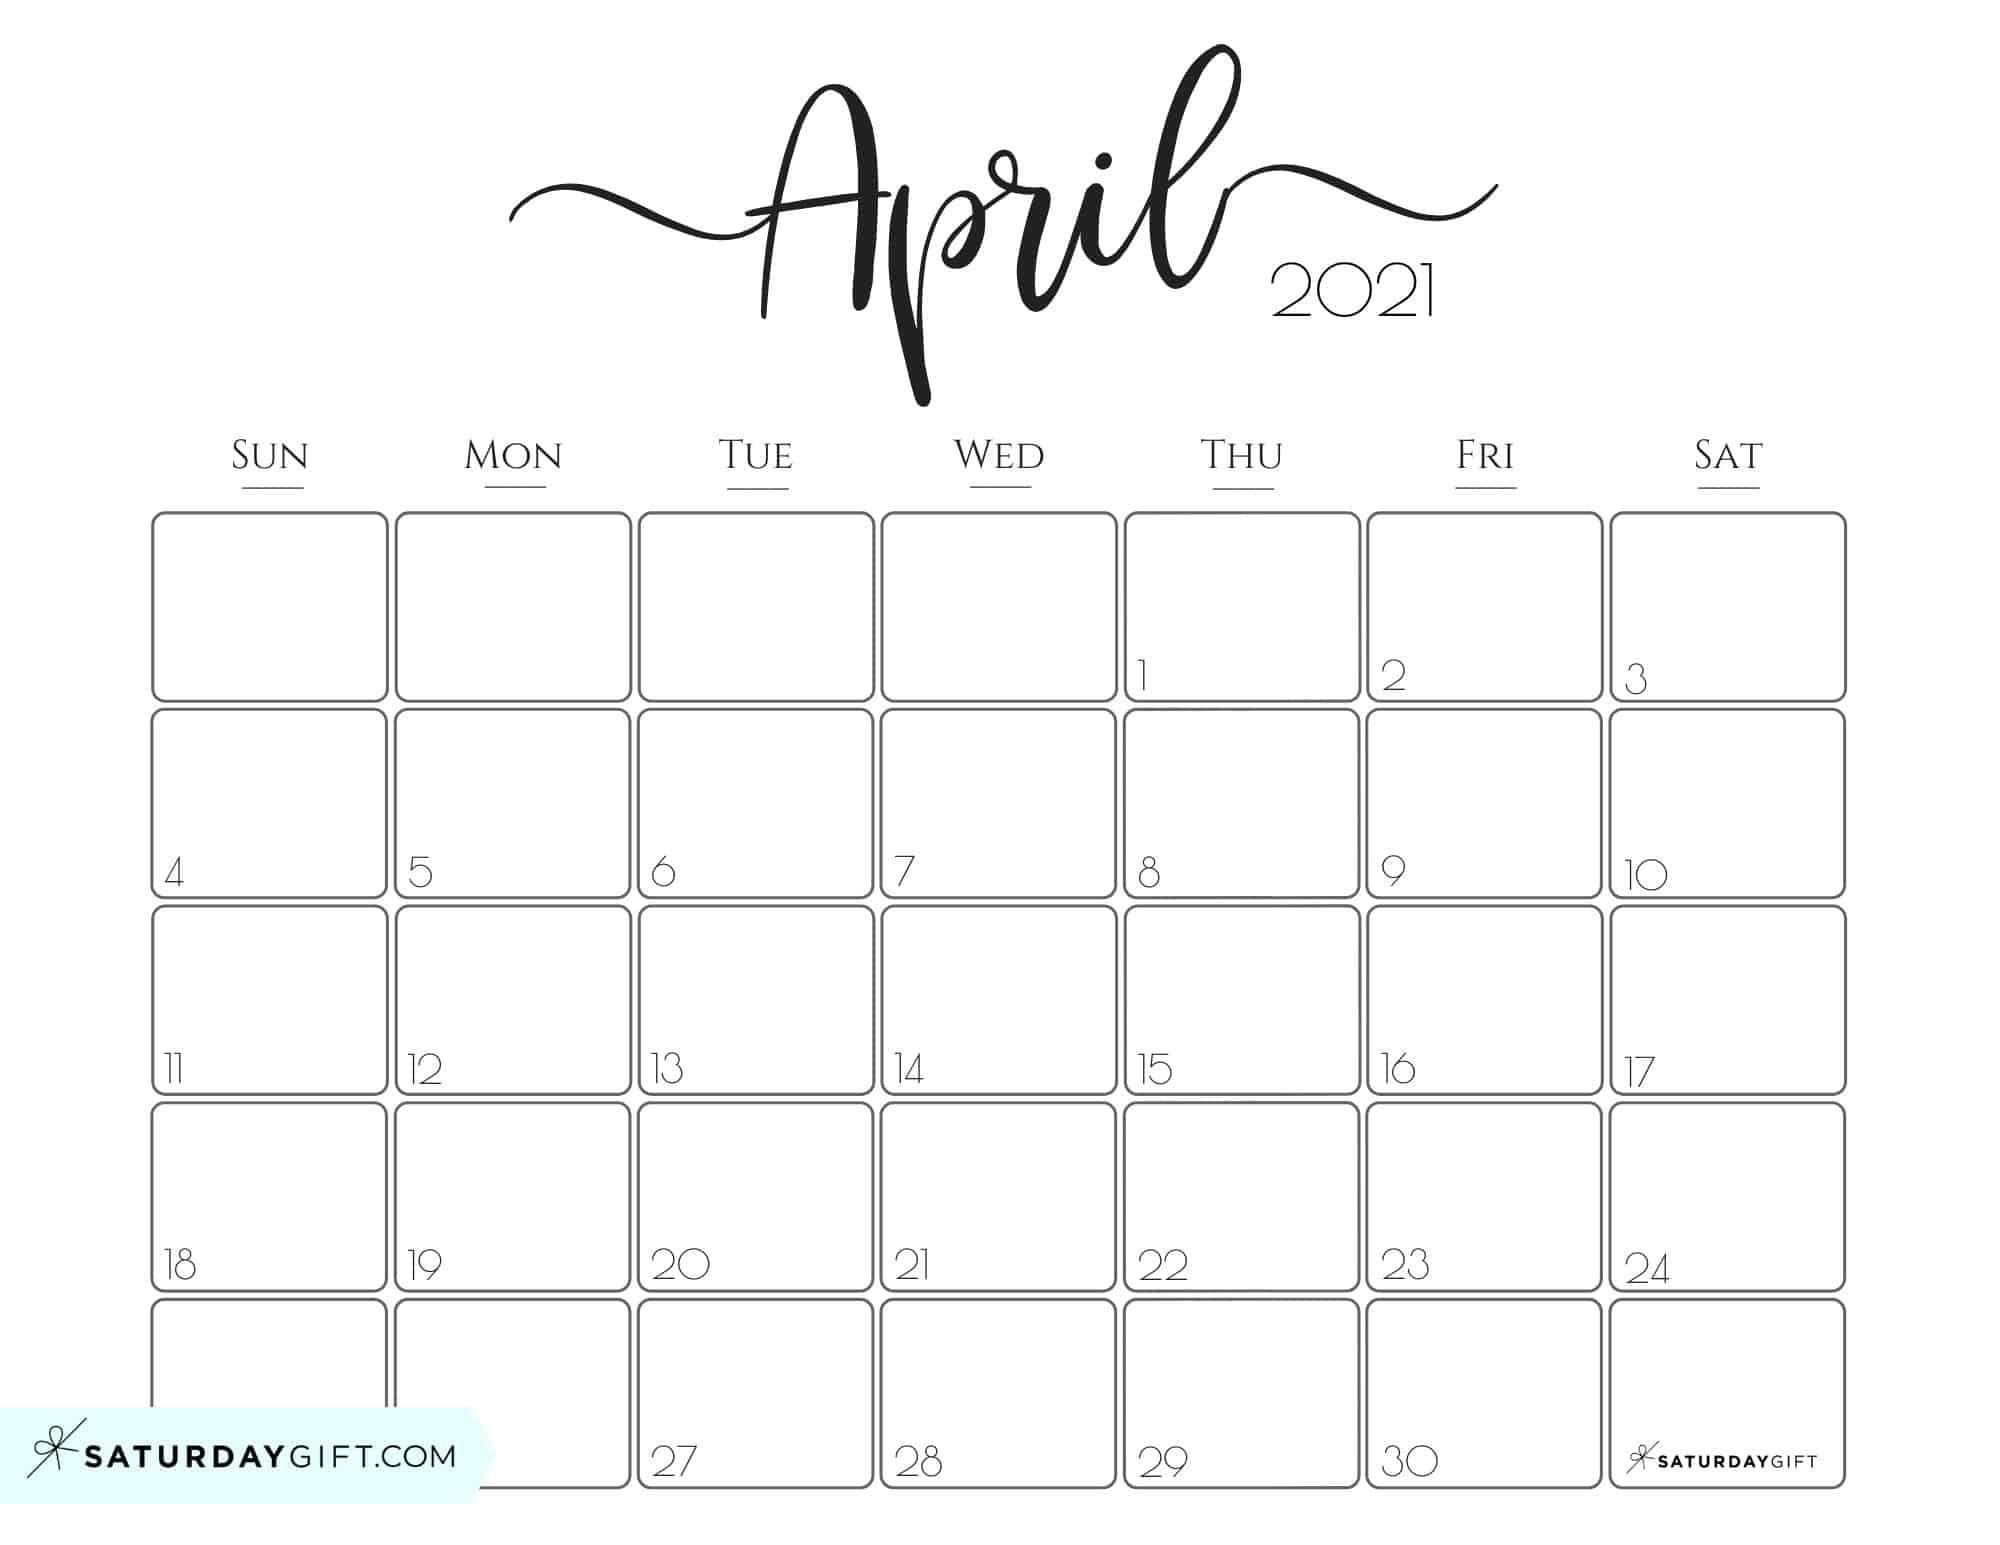 Elegant 2021 Calendar by SaturdayGift - Pretty Printable ...